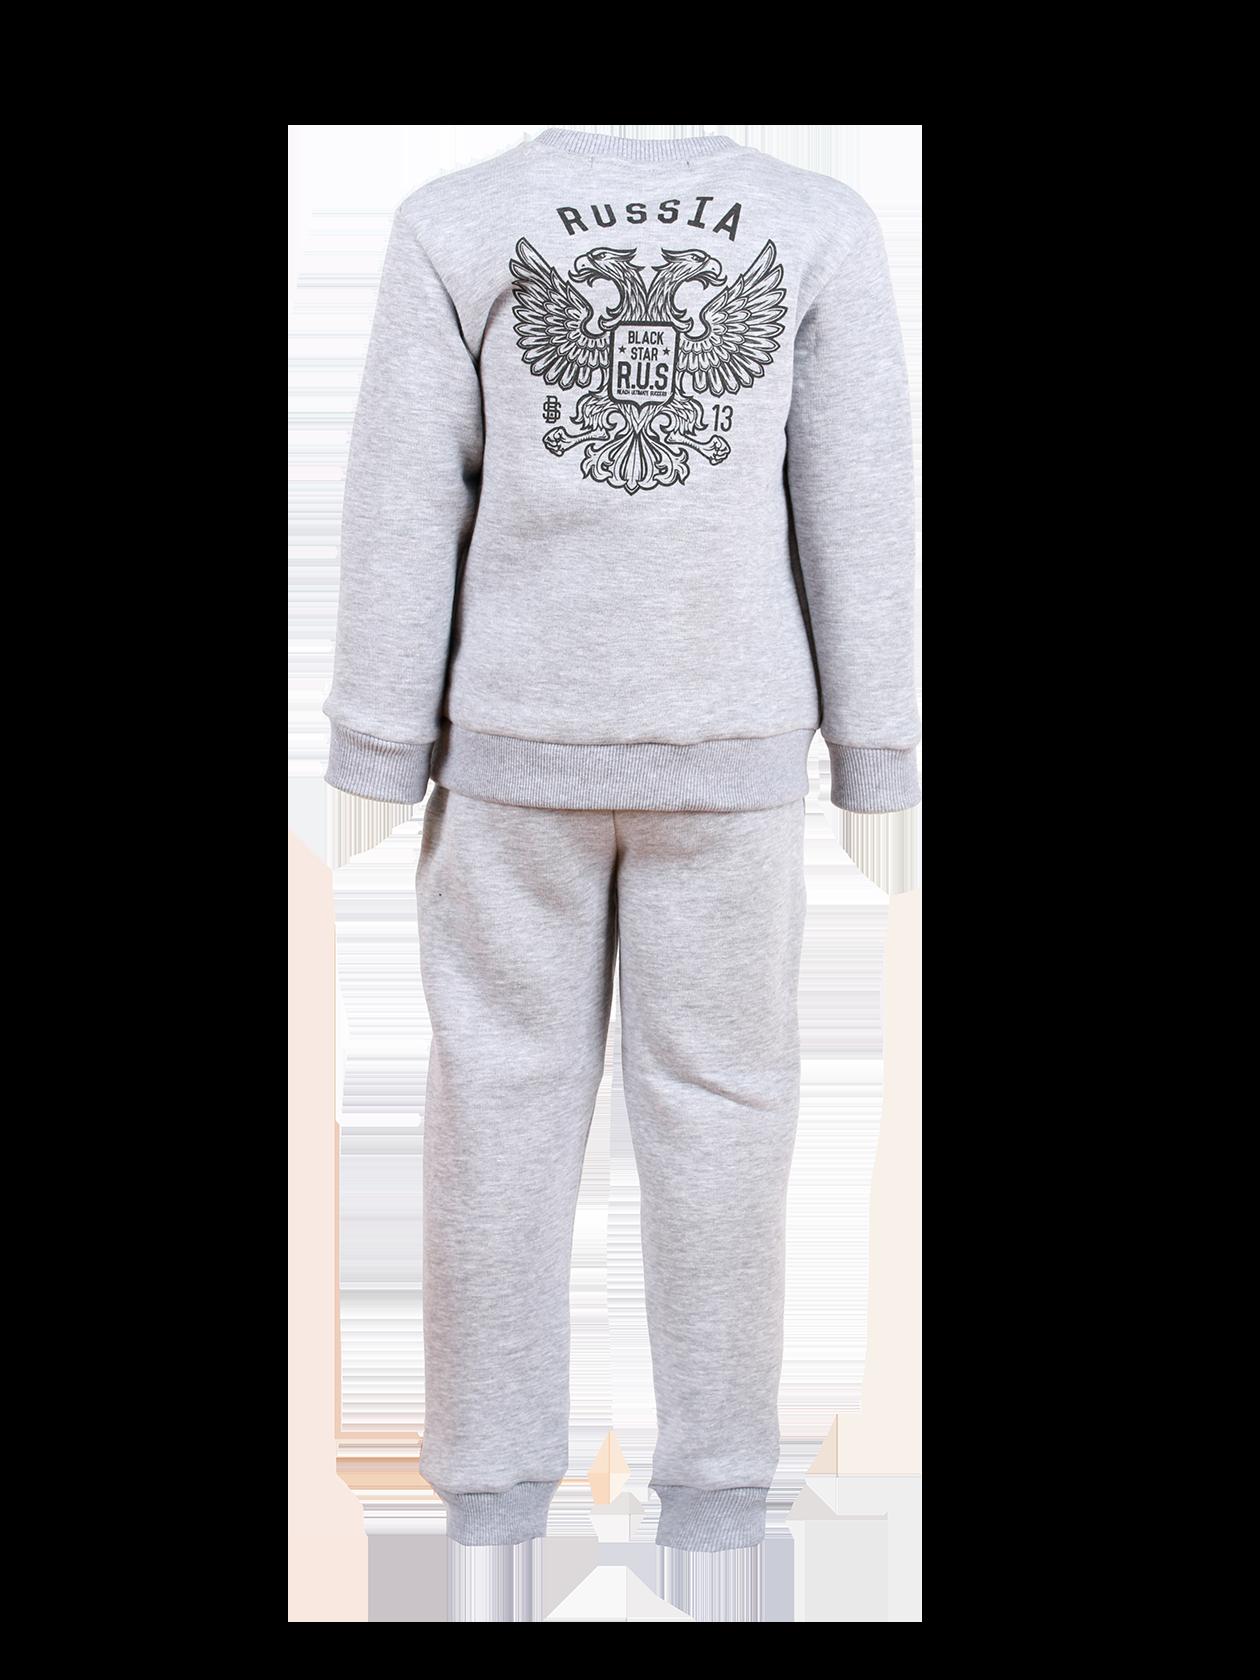 Kids tracksuit R.U.S. GERBКостюм спортивный детский R.U.S. GERB – базовая вещь в гардеробе любого ребенка. Прямой свободный крой модели сохранит активность и подарит комфорт при каждом движении. Комплект представлен свитшотом и зауженными брюками в цвете серый меланж. Нижний край и рукава толстовки, пояс и низ штанов оформлены широким трикотажным материалом на резинке. Эластичная горловина удобна при надевании изделия. На спине крупный принт в виде двуглавого орла и надписи Russia. Практичность и износостойкость обеспечена блендом натурального мягкого футера.<br><br>size: 7-8 years<br>color: Gray melange<br>gender: unisex